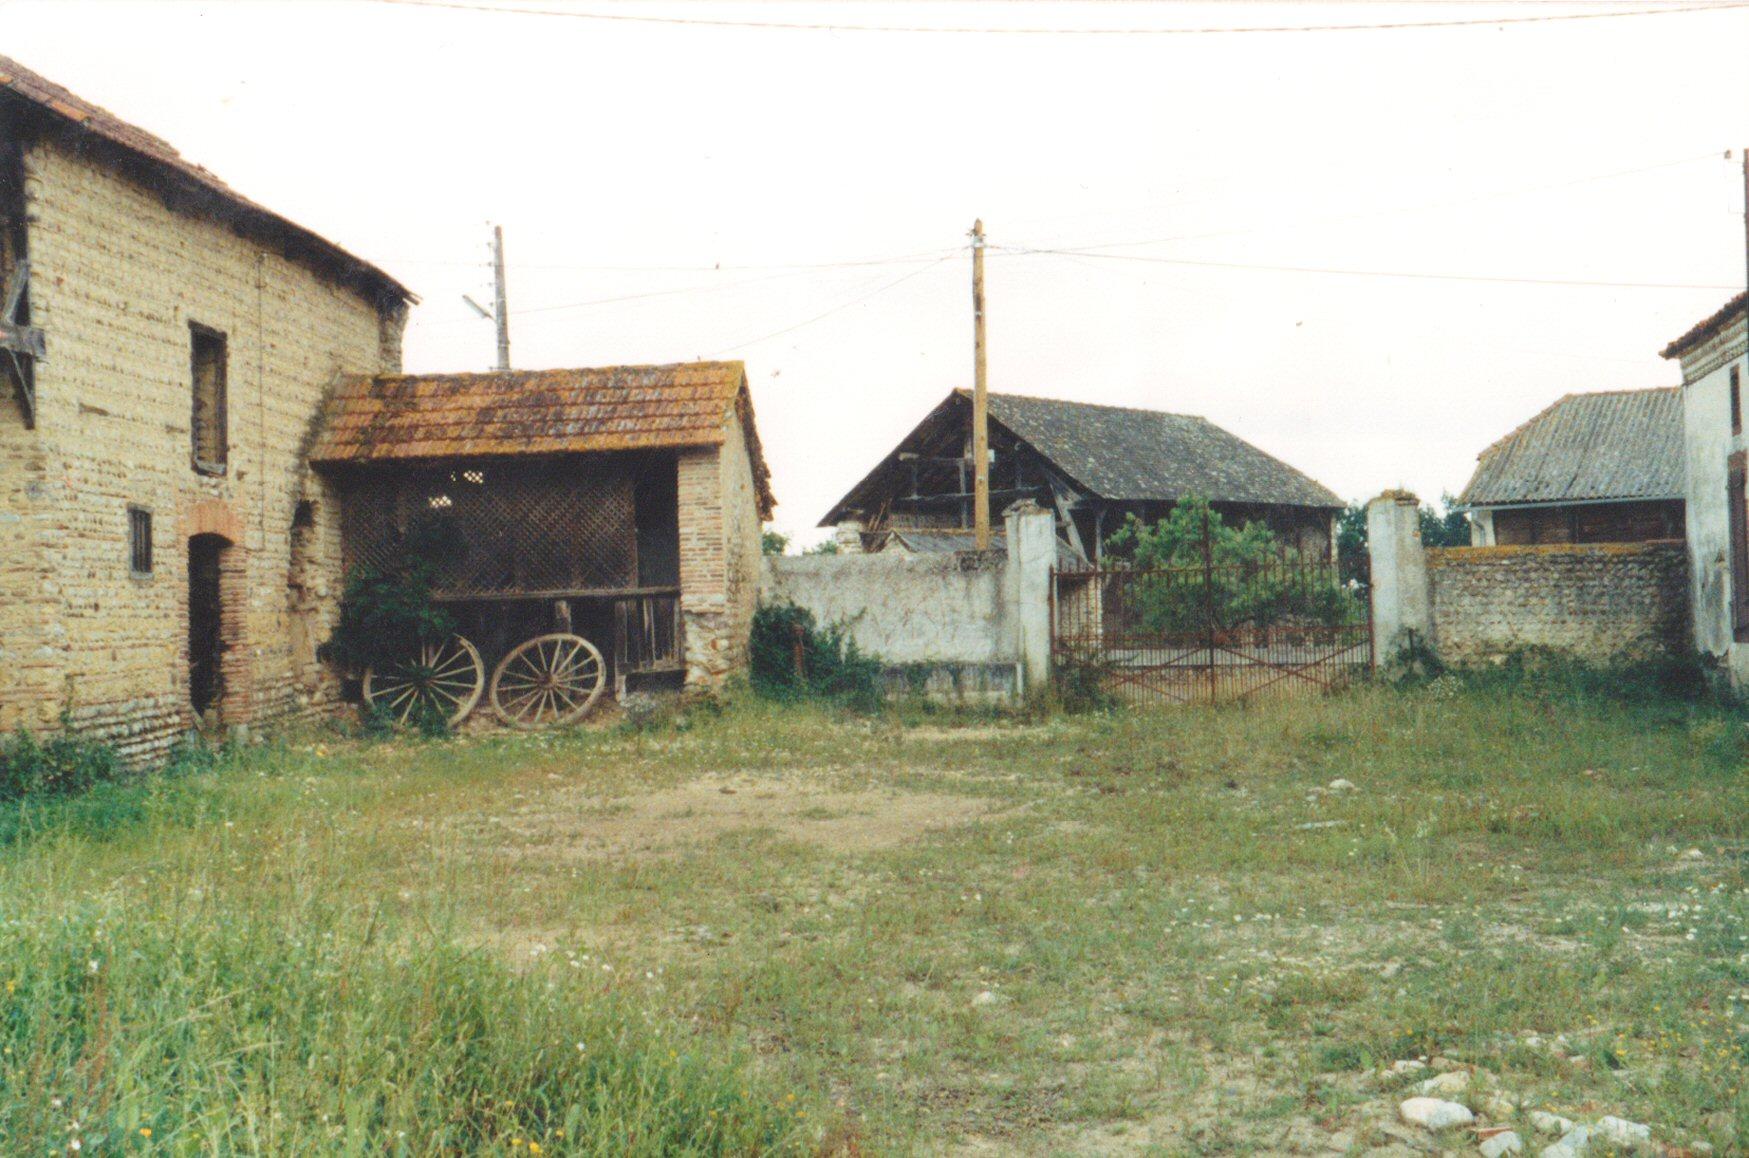 Vue 3 Bâtiment existant avant projet - 4 logements (65)